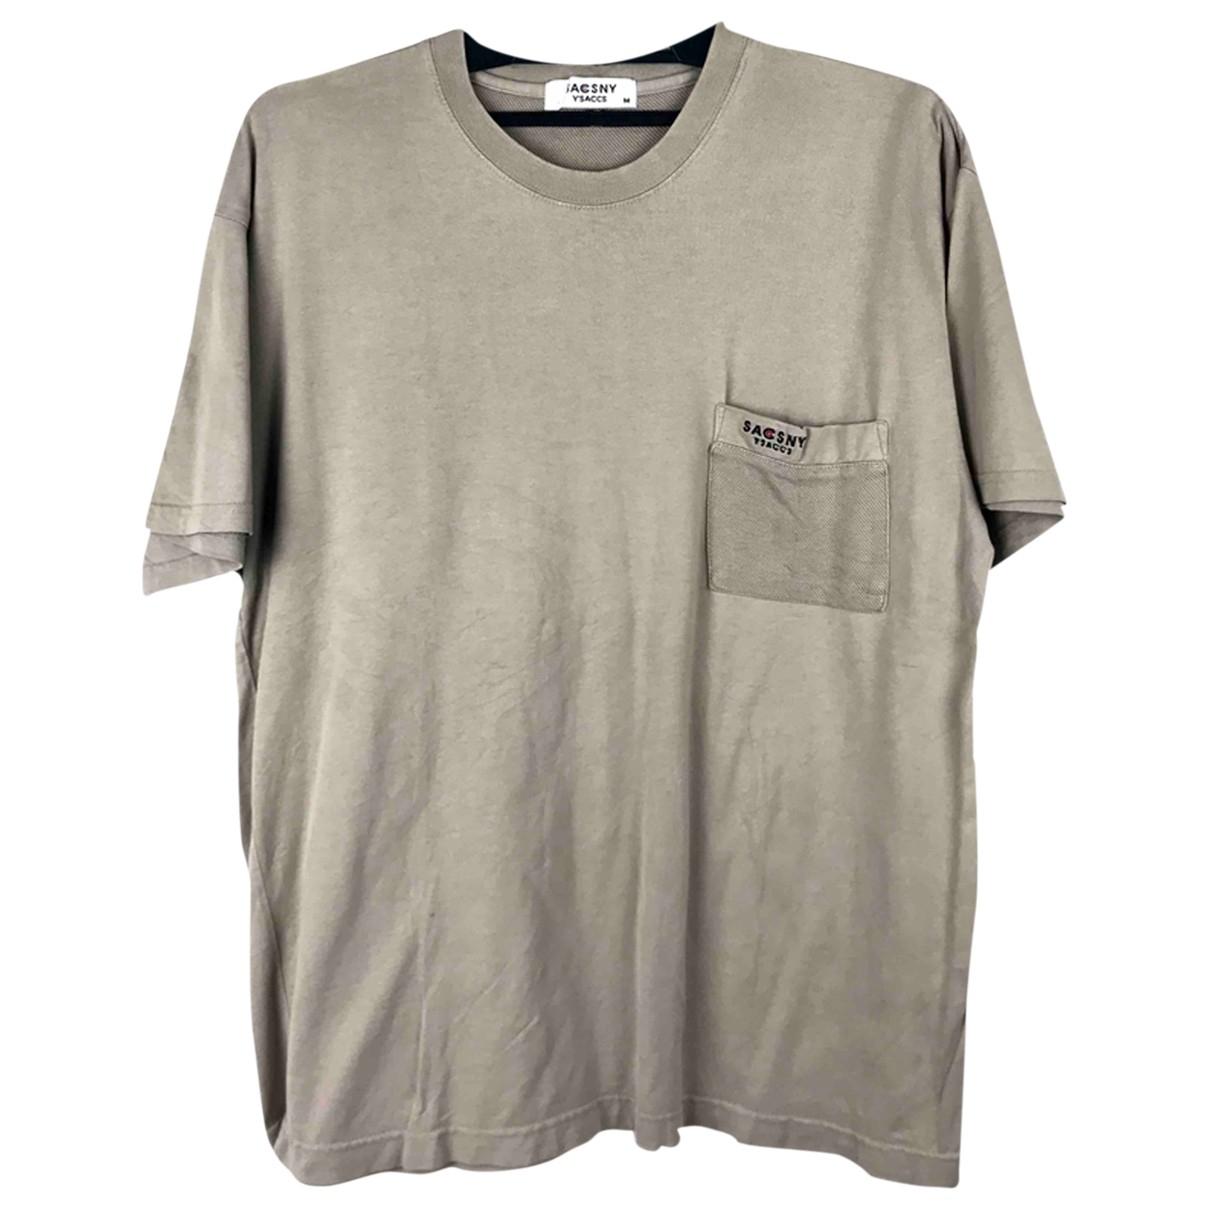 Ys - Tee shirts   pour homme en coton - beige